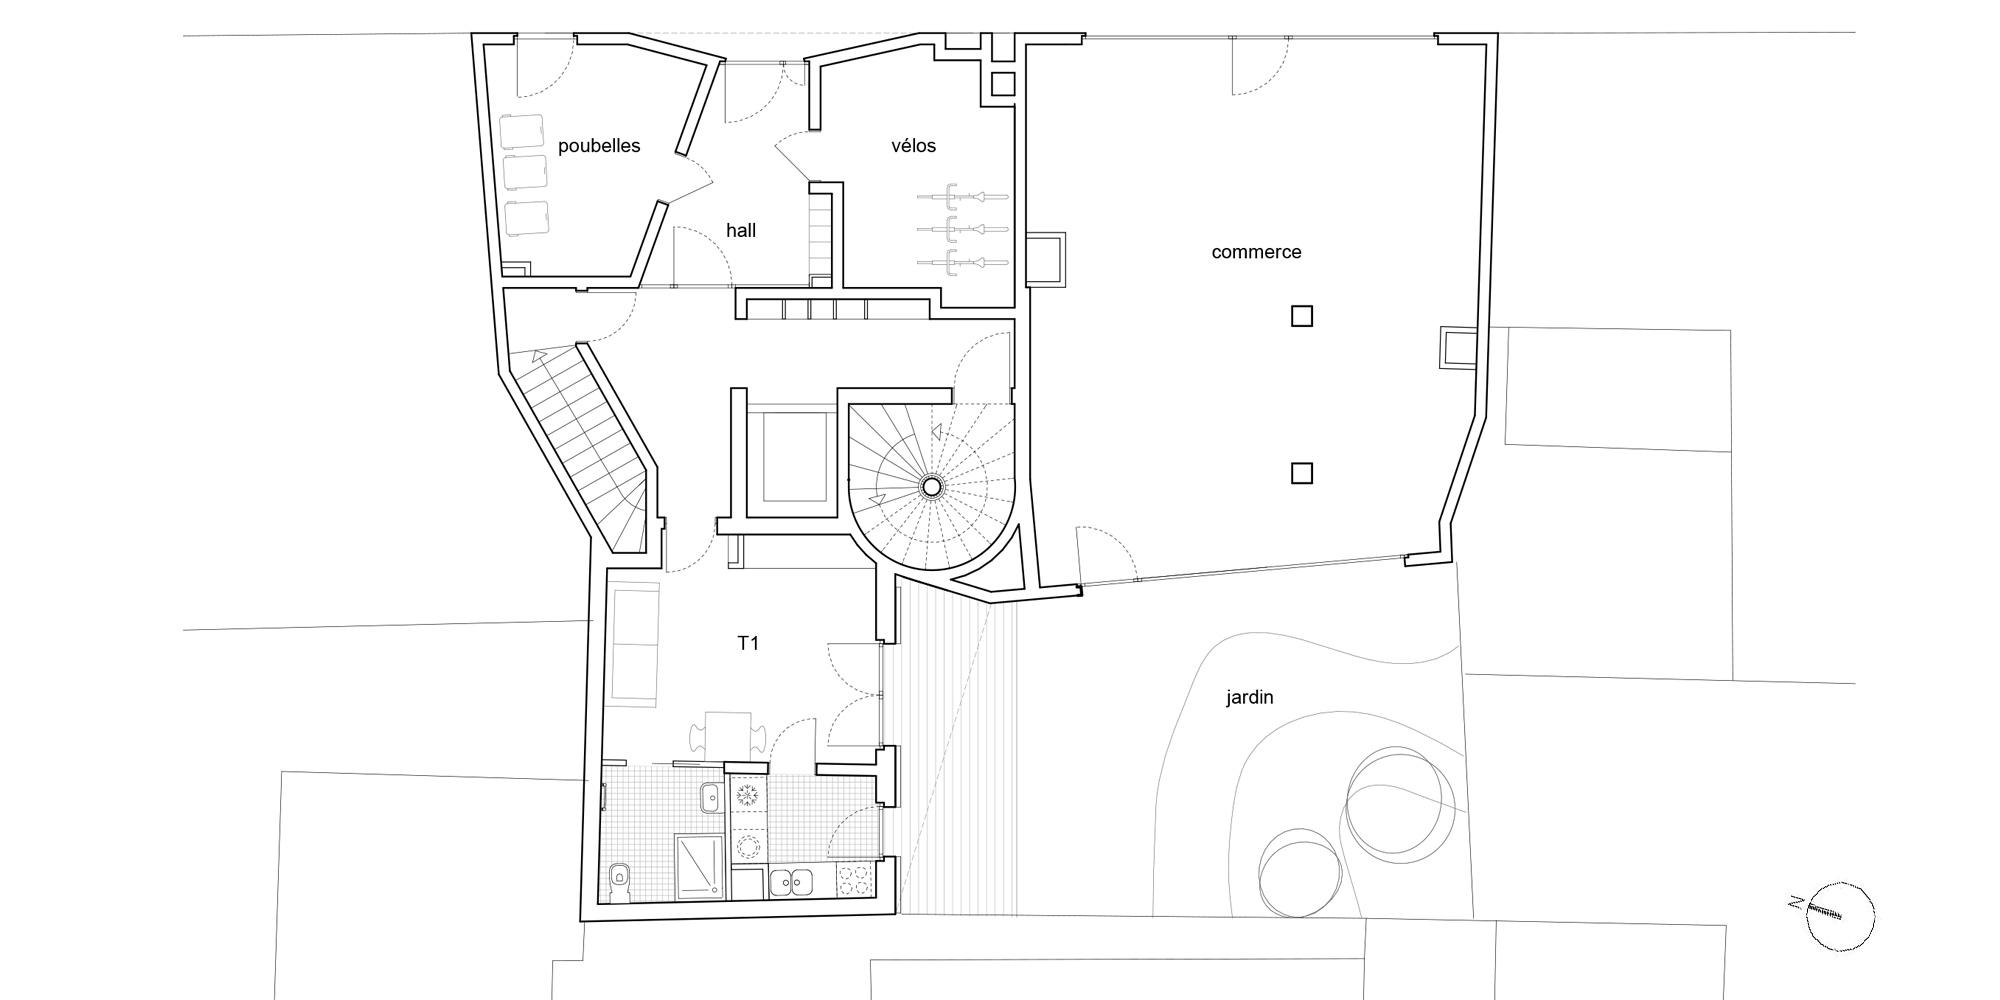 Pianta piano terra © Avenier Cornejo Architectes